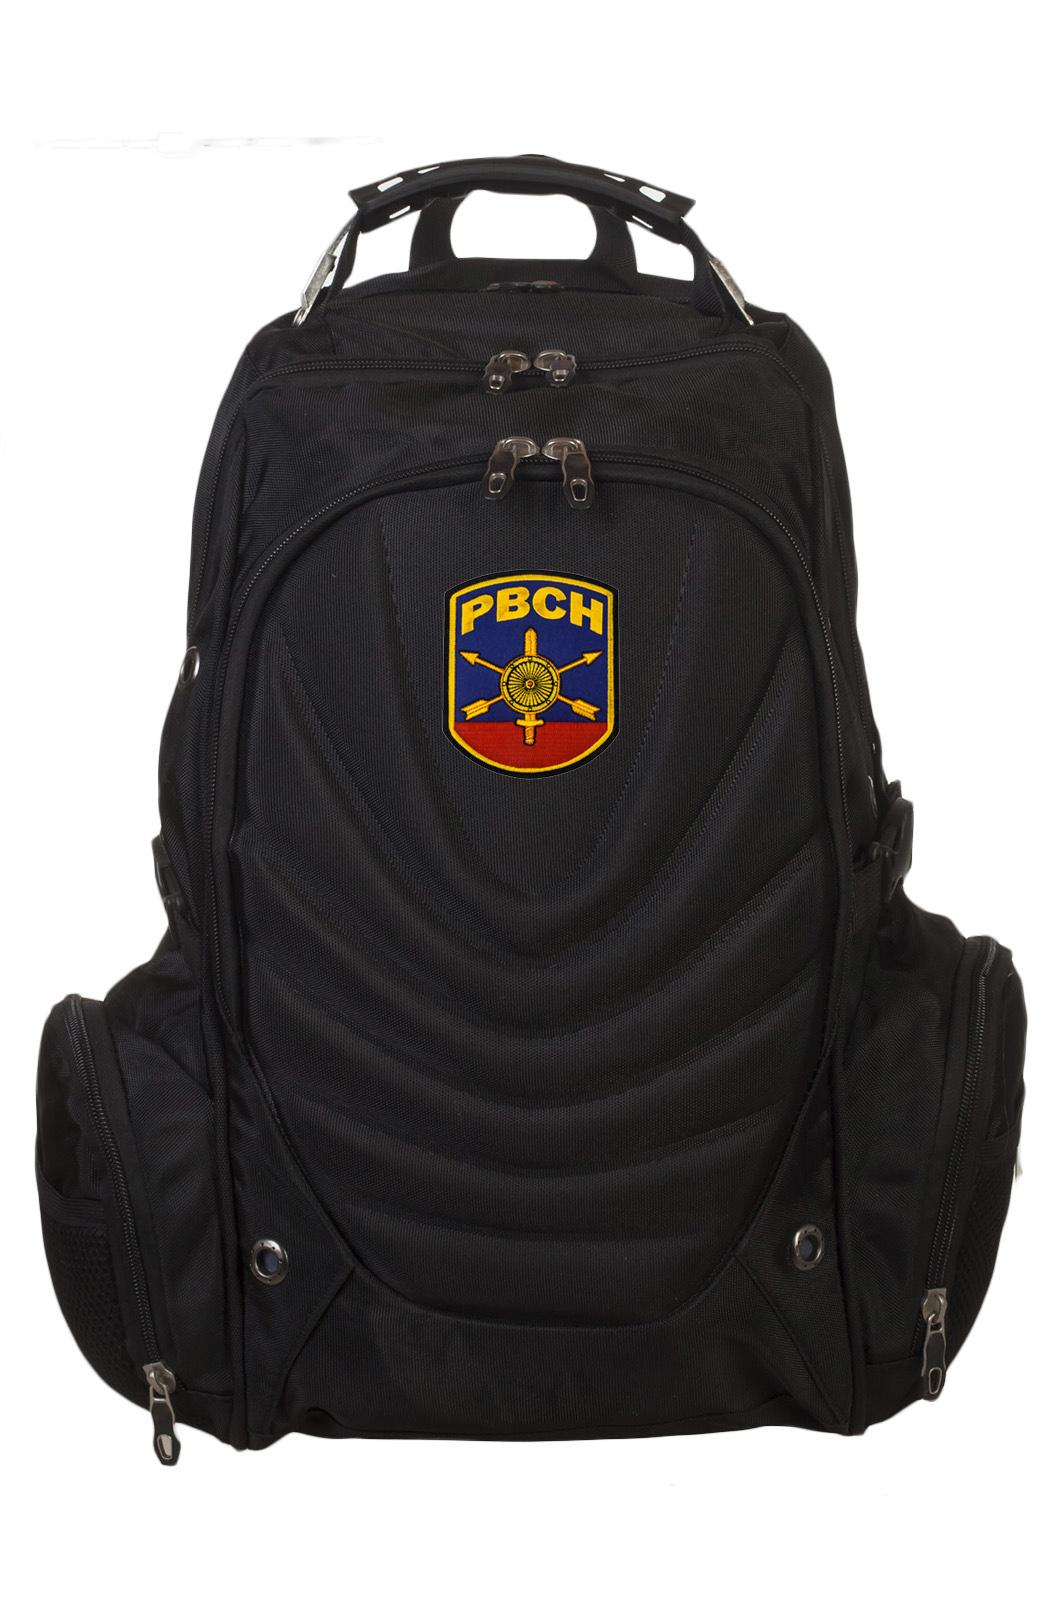 Топовый рюкзак с оригинальной нашивкой РВСН